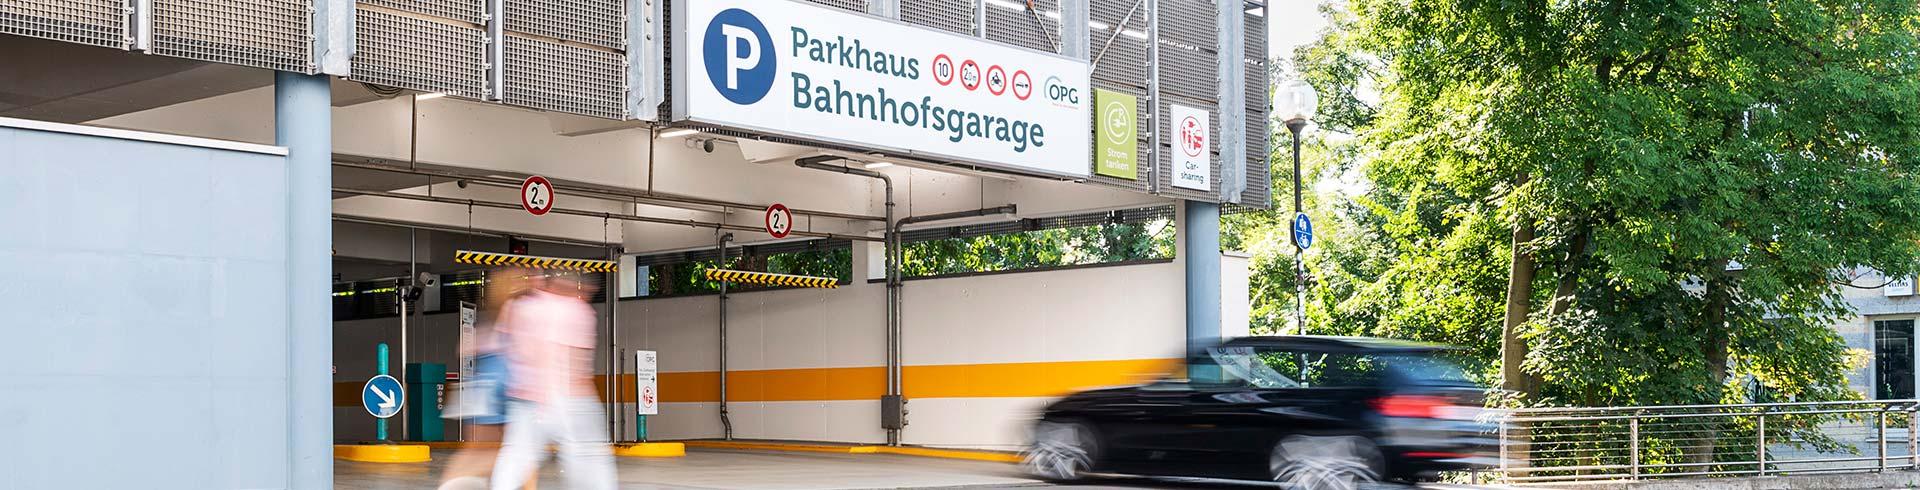 Einfahrtsituation am Parkhaus Bahnhofsgarage der OPG